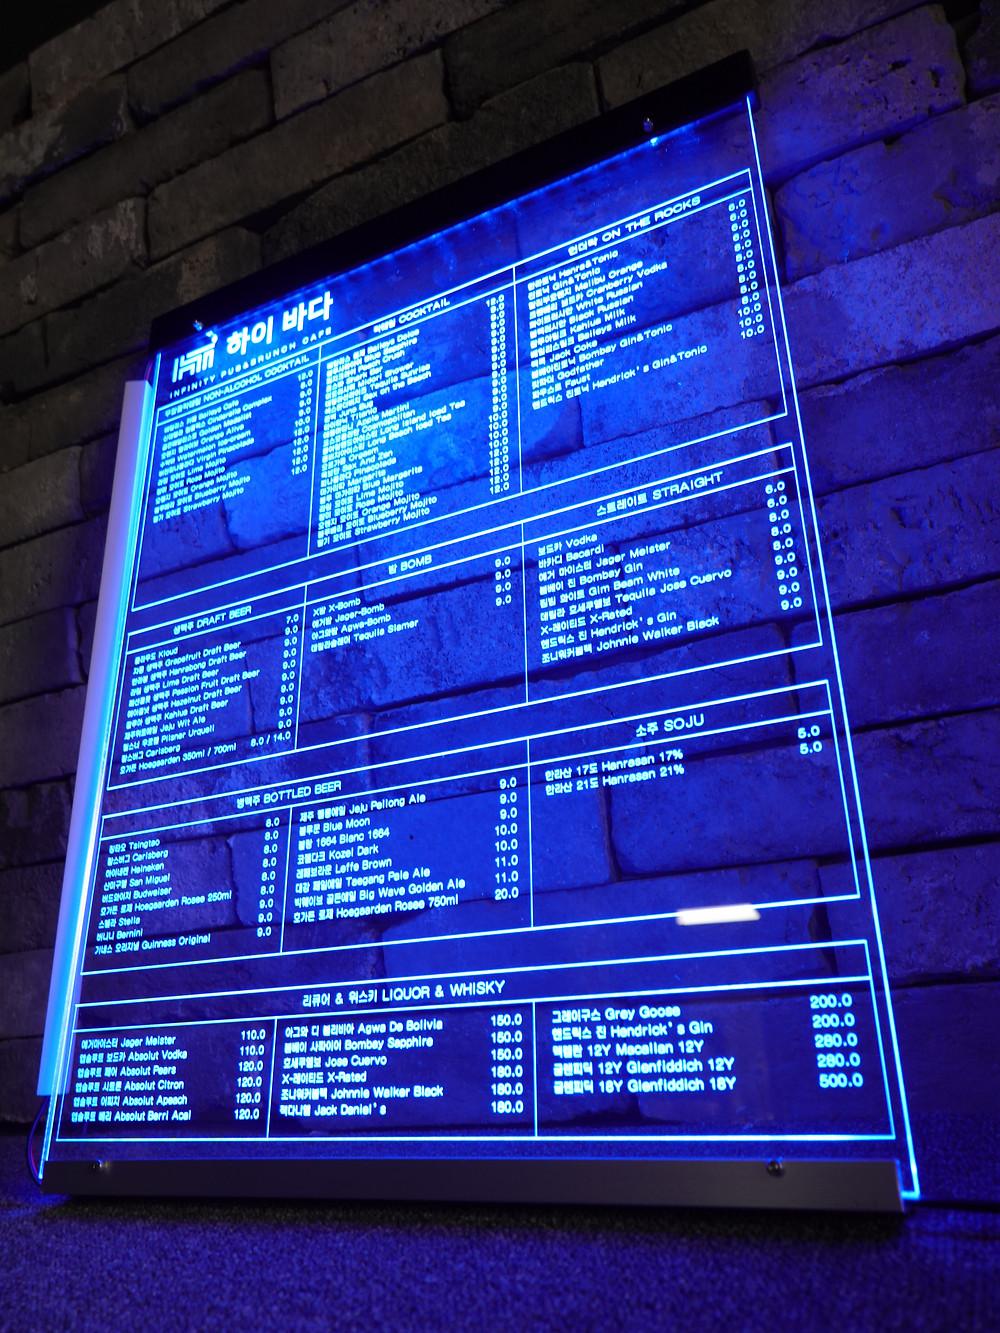 바 벽 조명 아크릴 LED 메뉴판